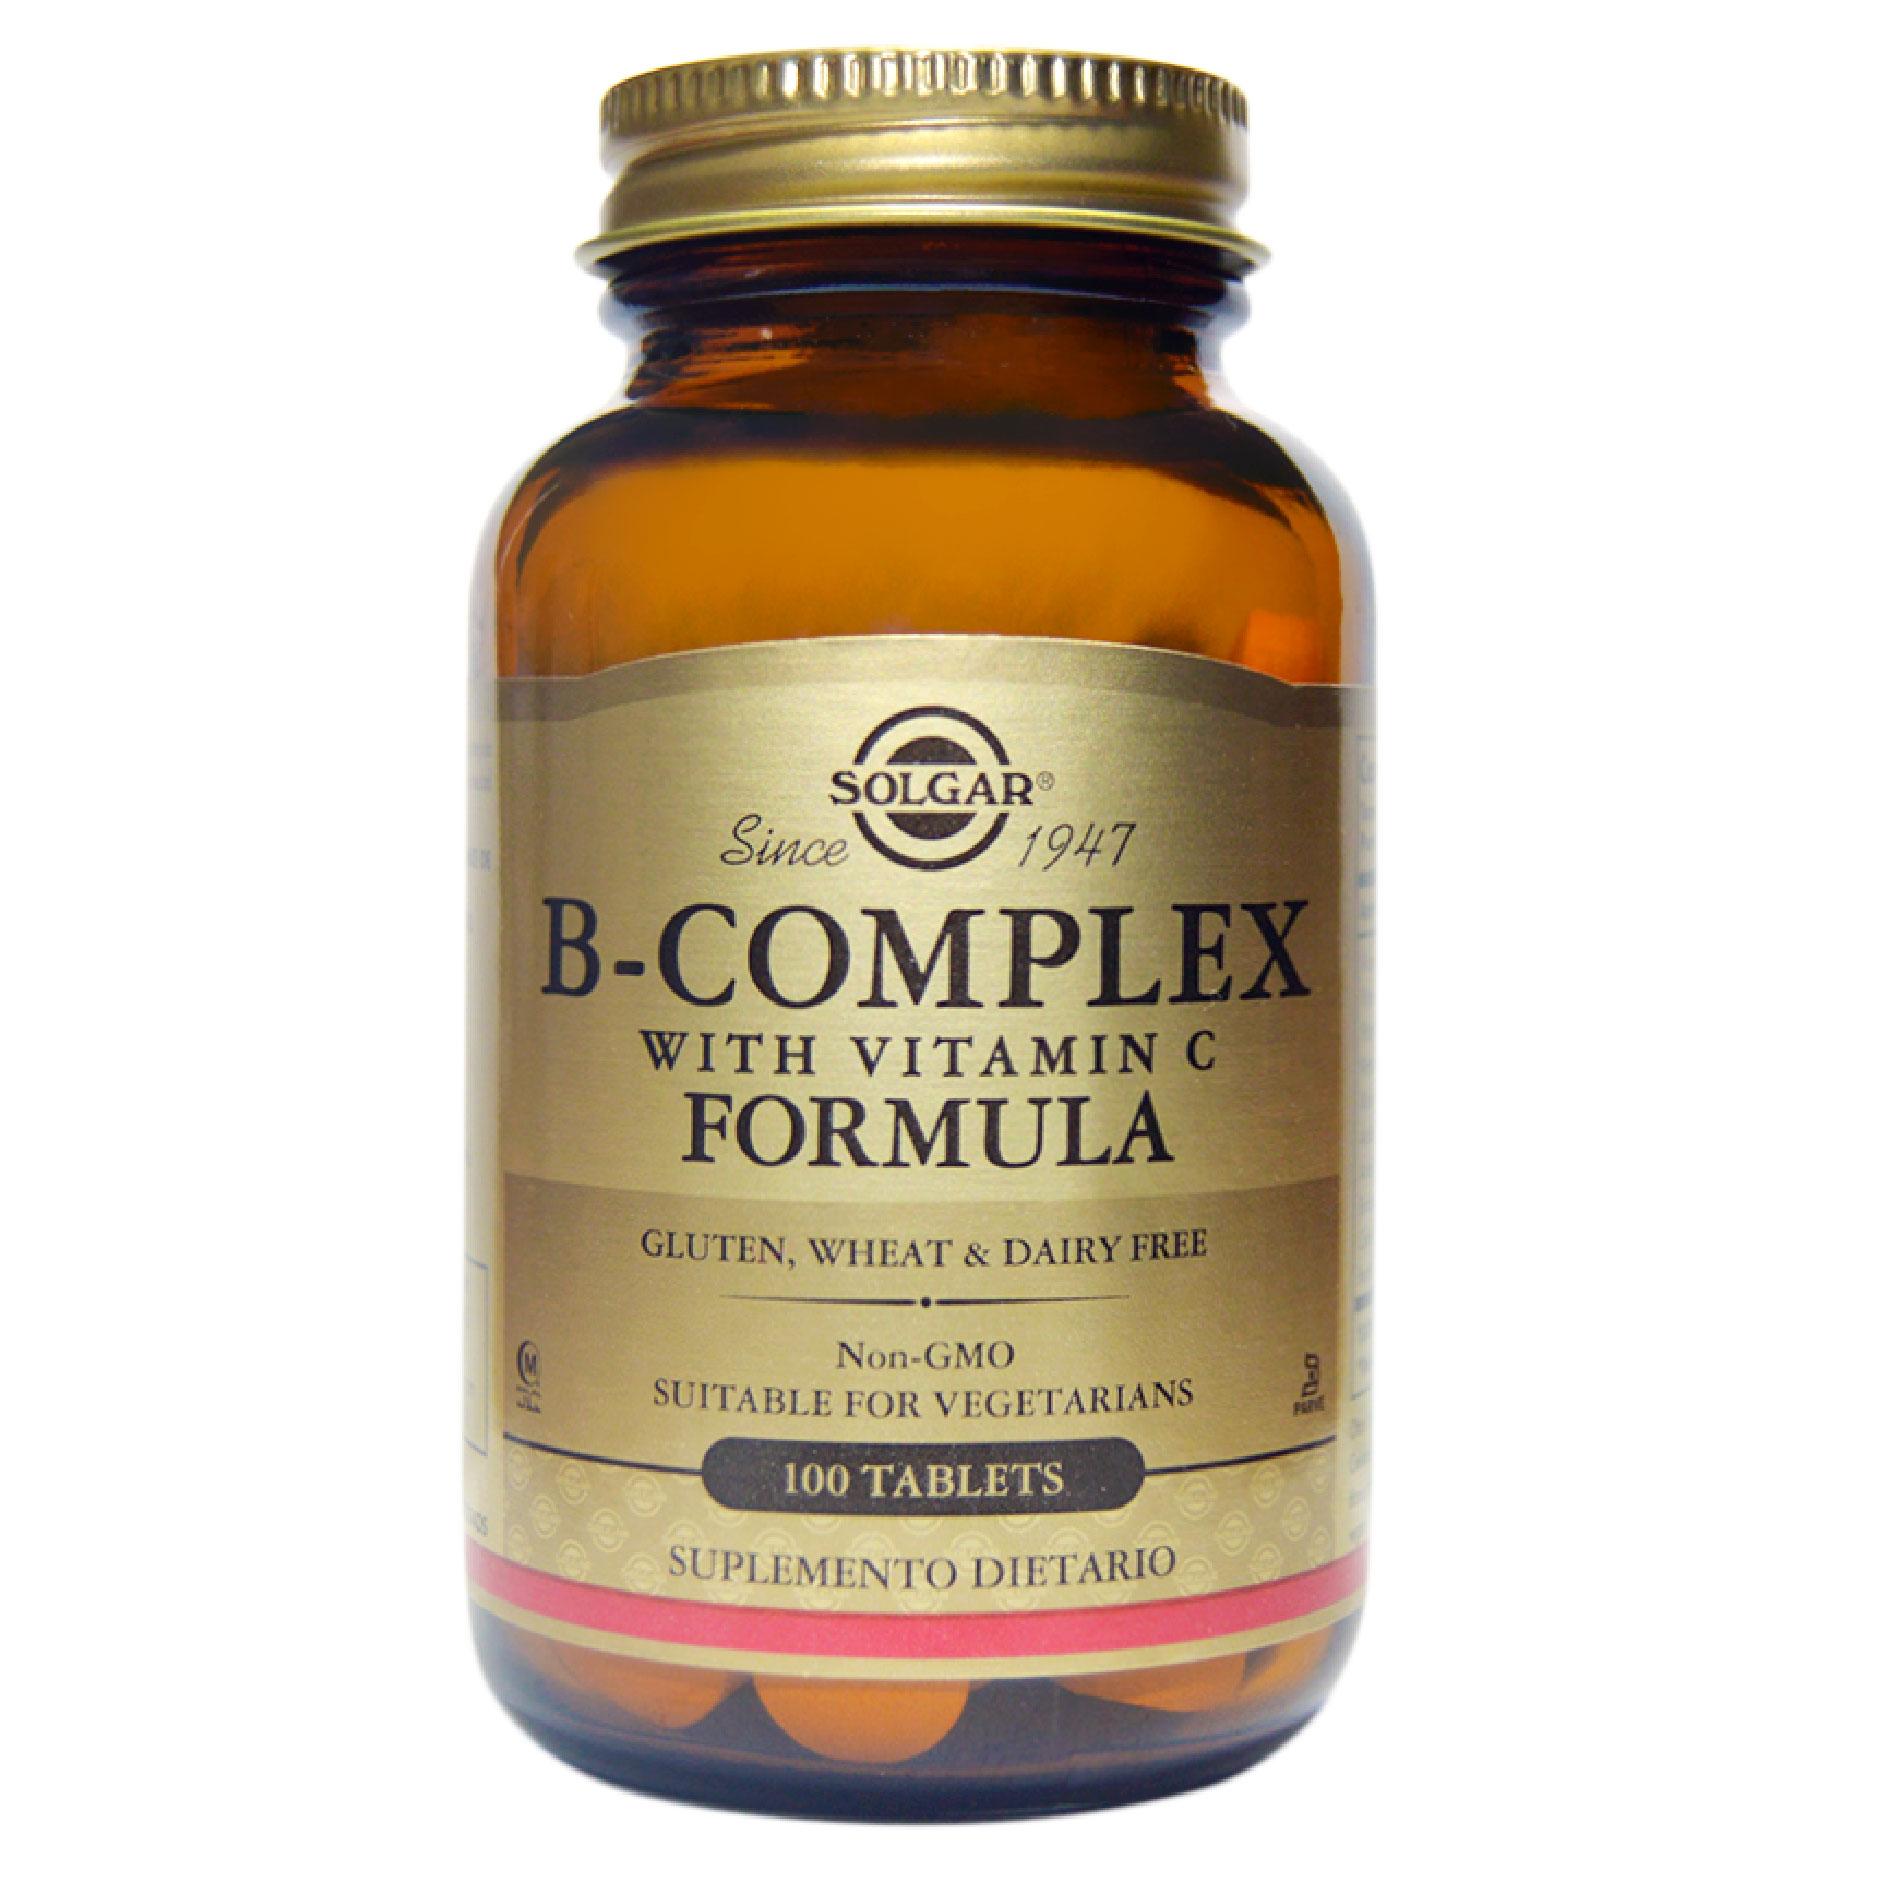 B-COMPLEX STRESS FORMULA 100 TAB